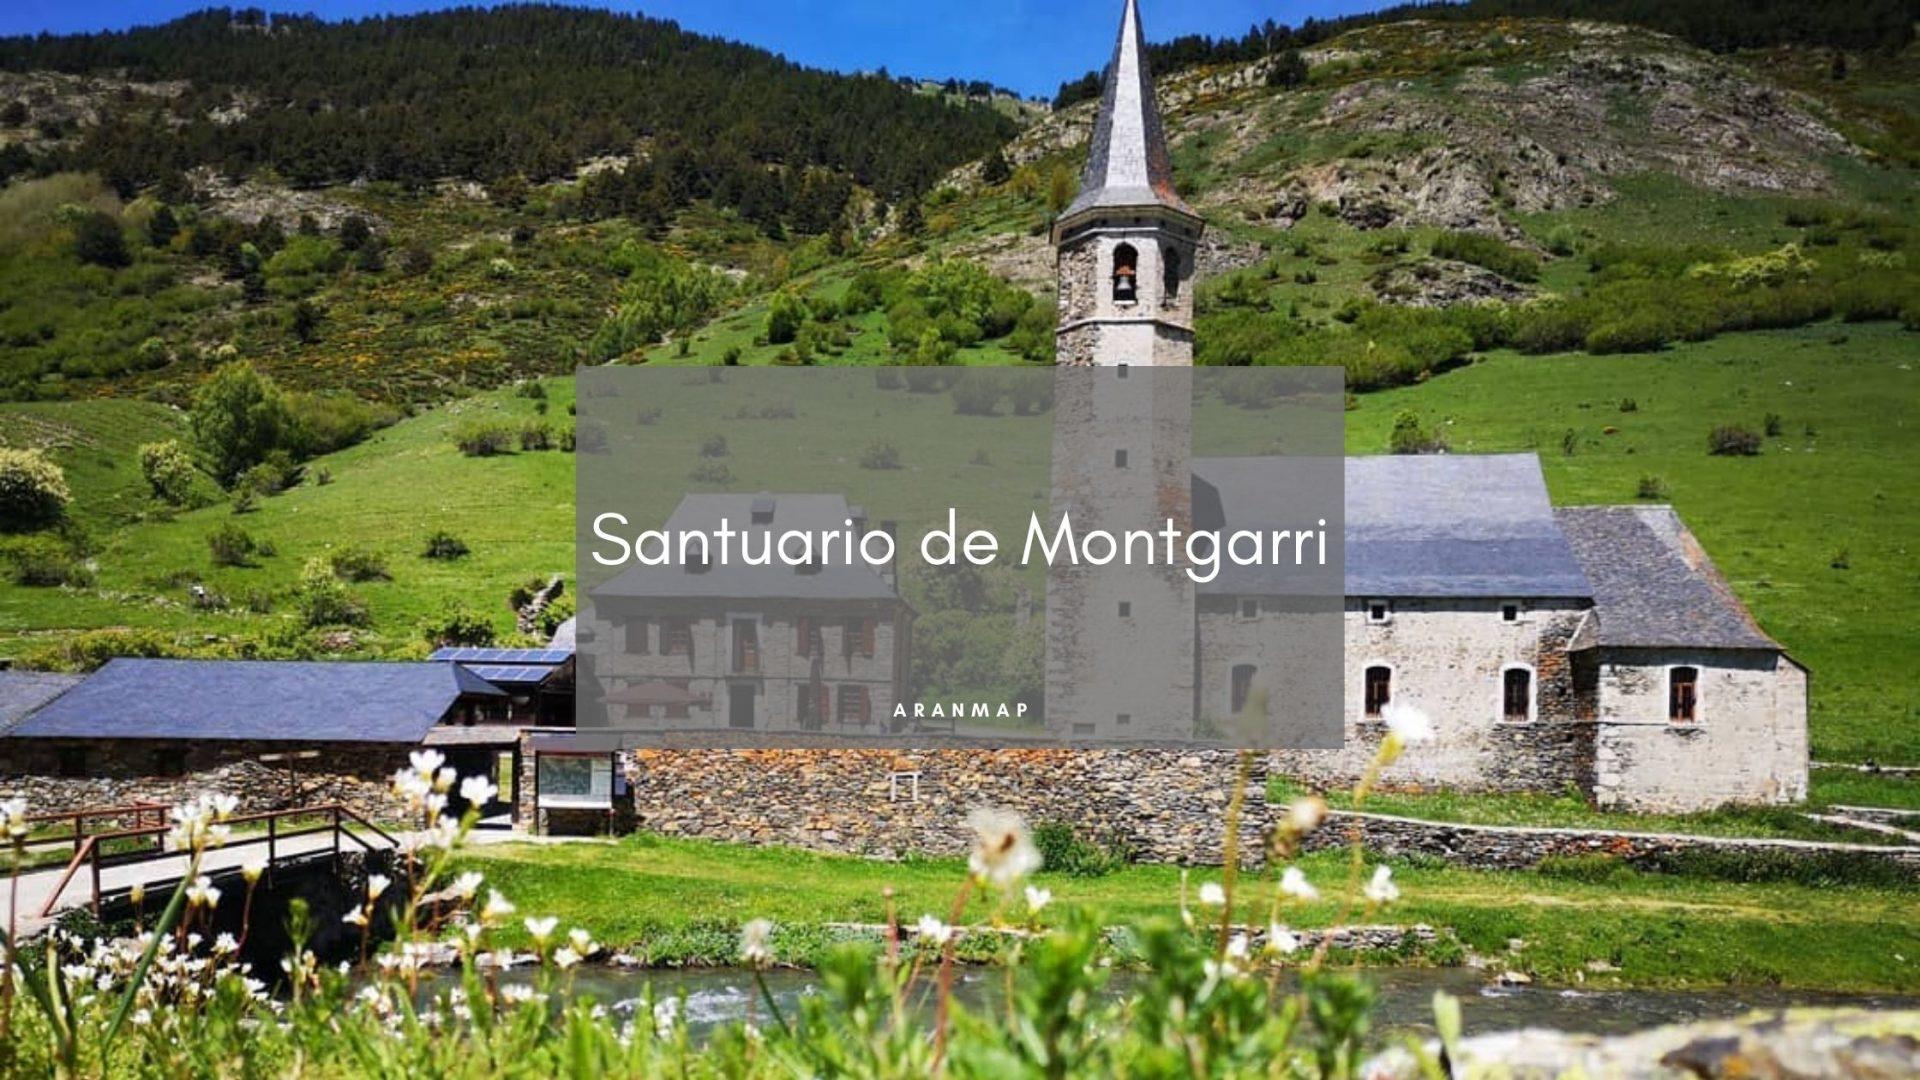 Santuario de Montgarri Valle de Arán